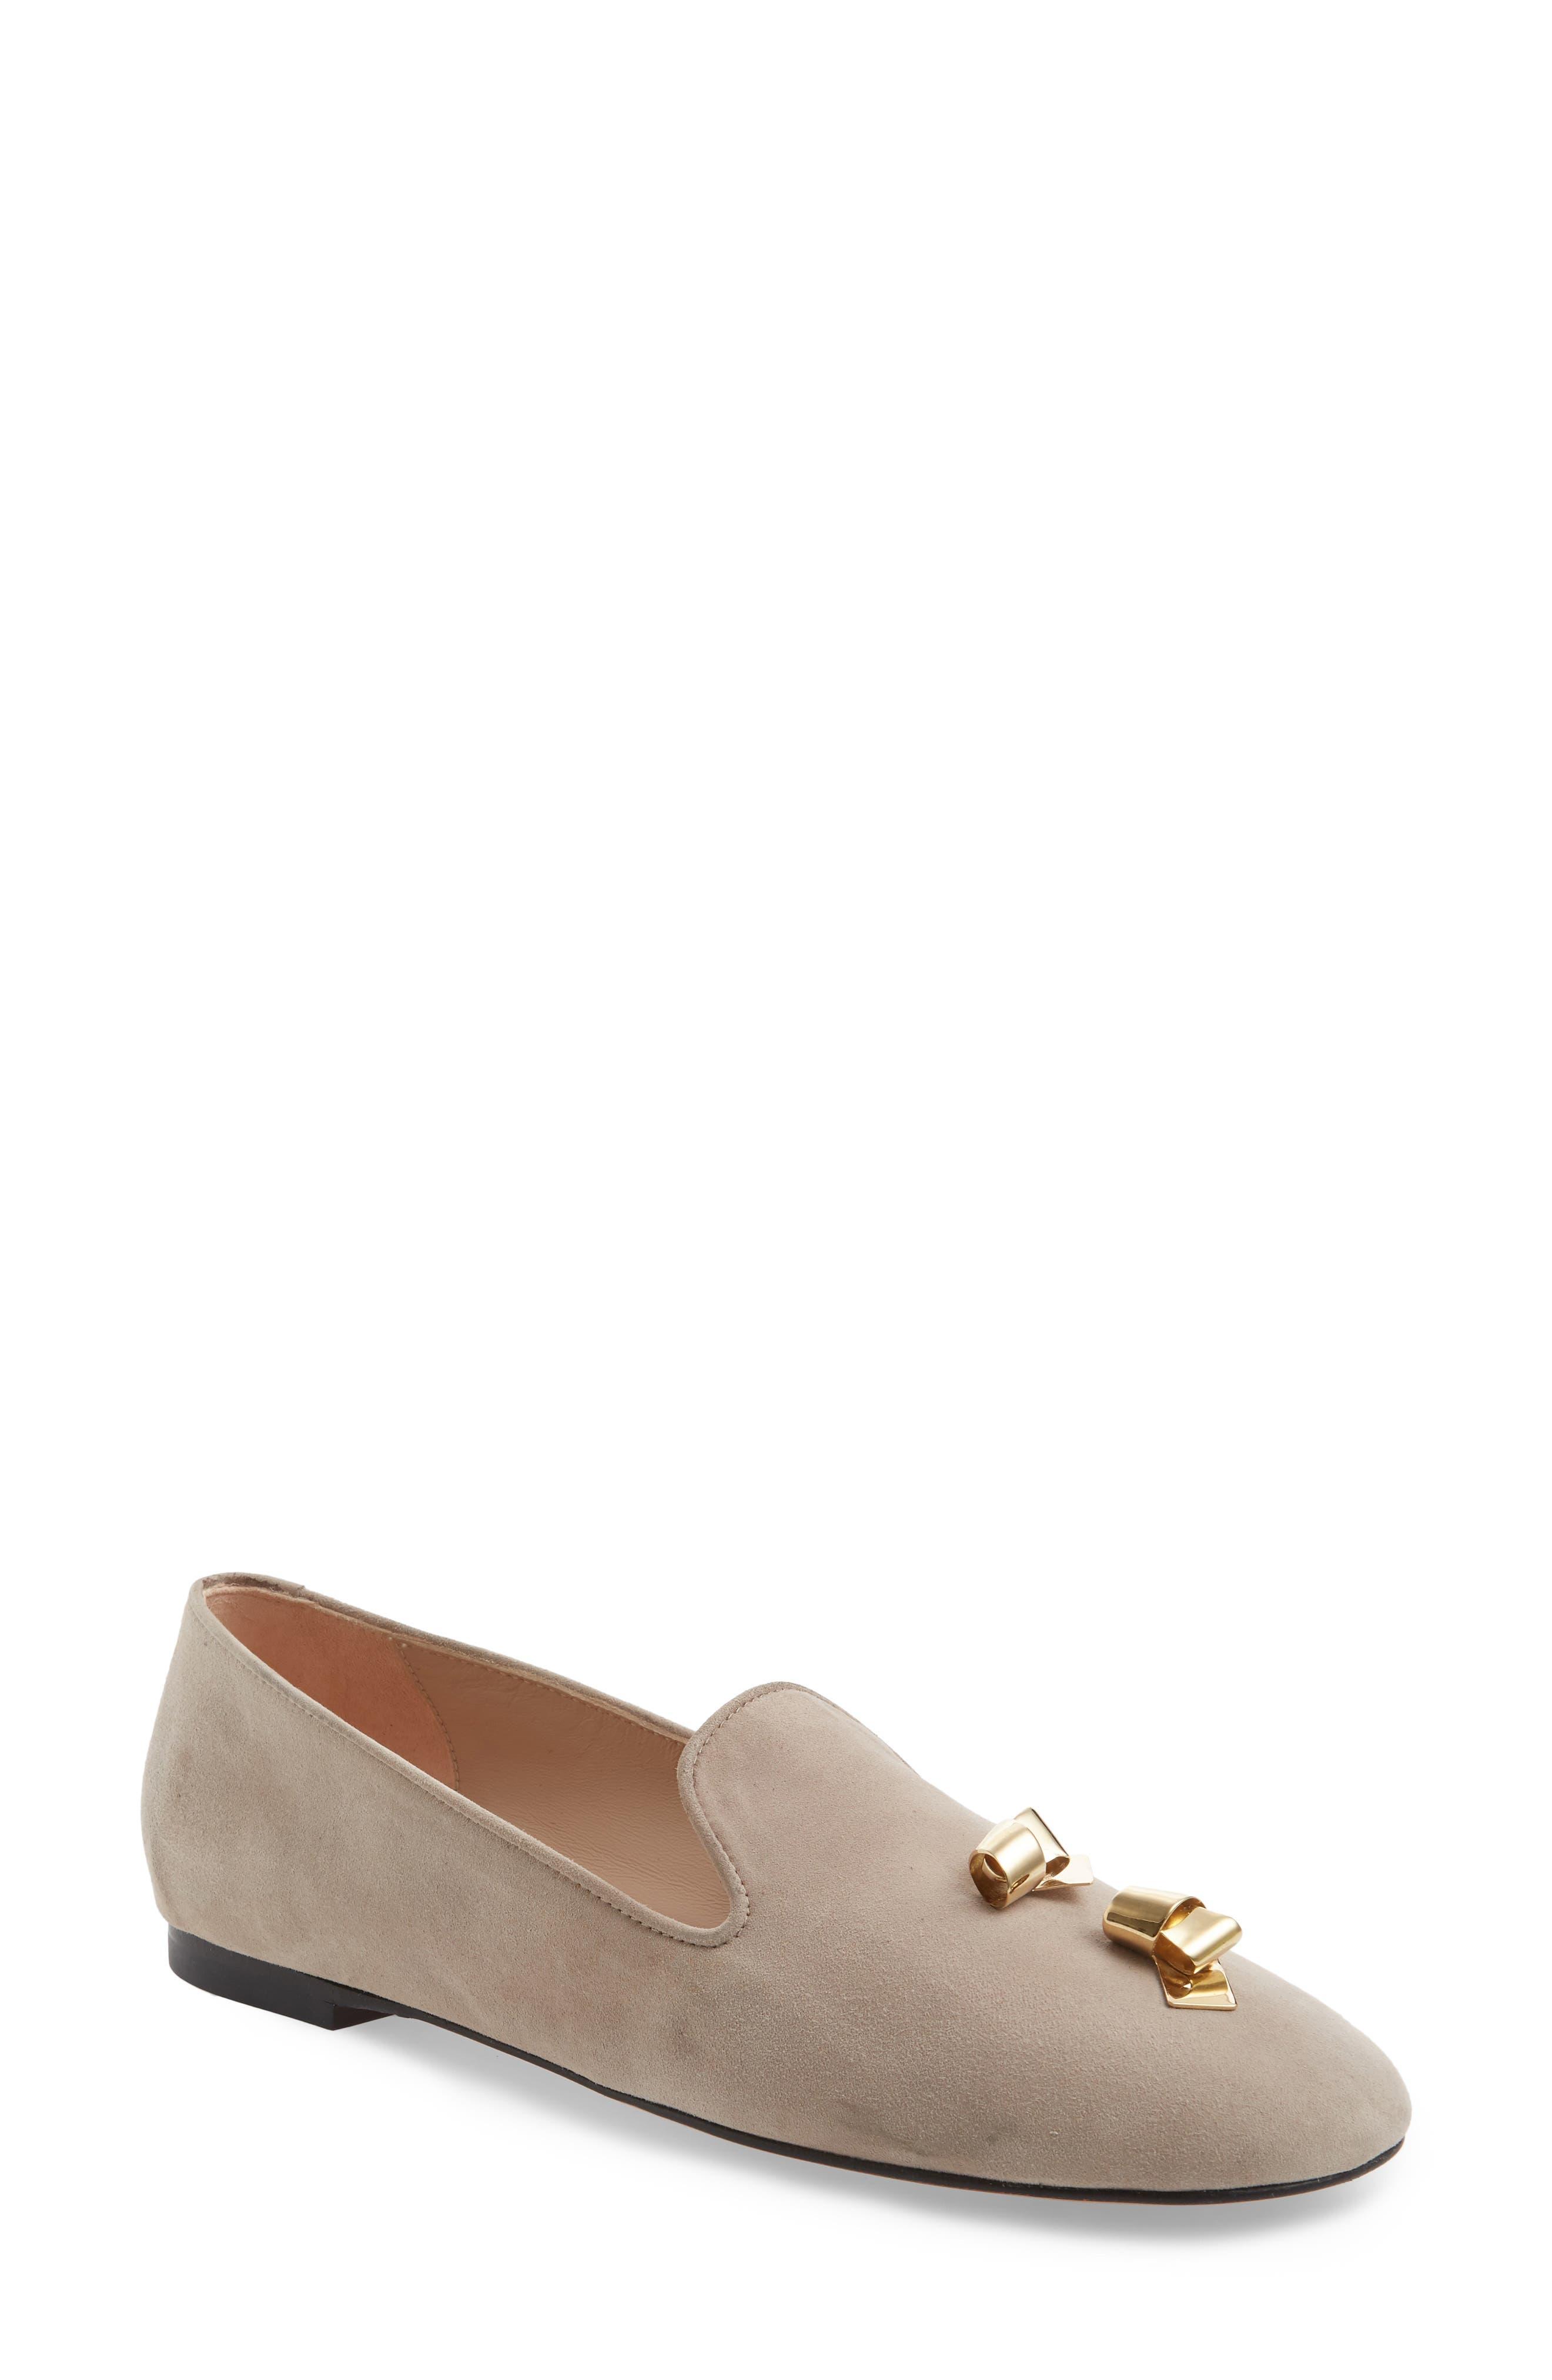 Node Loafer,                         Main,                         color,